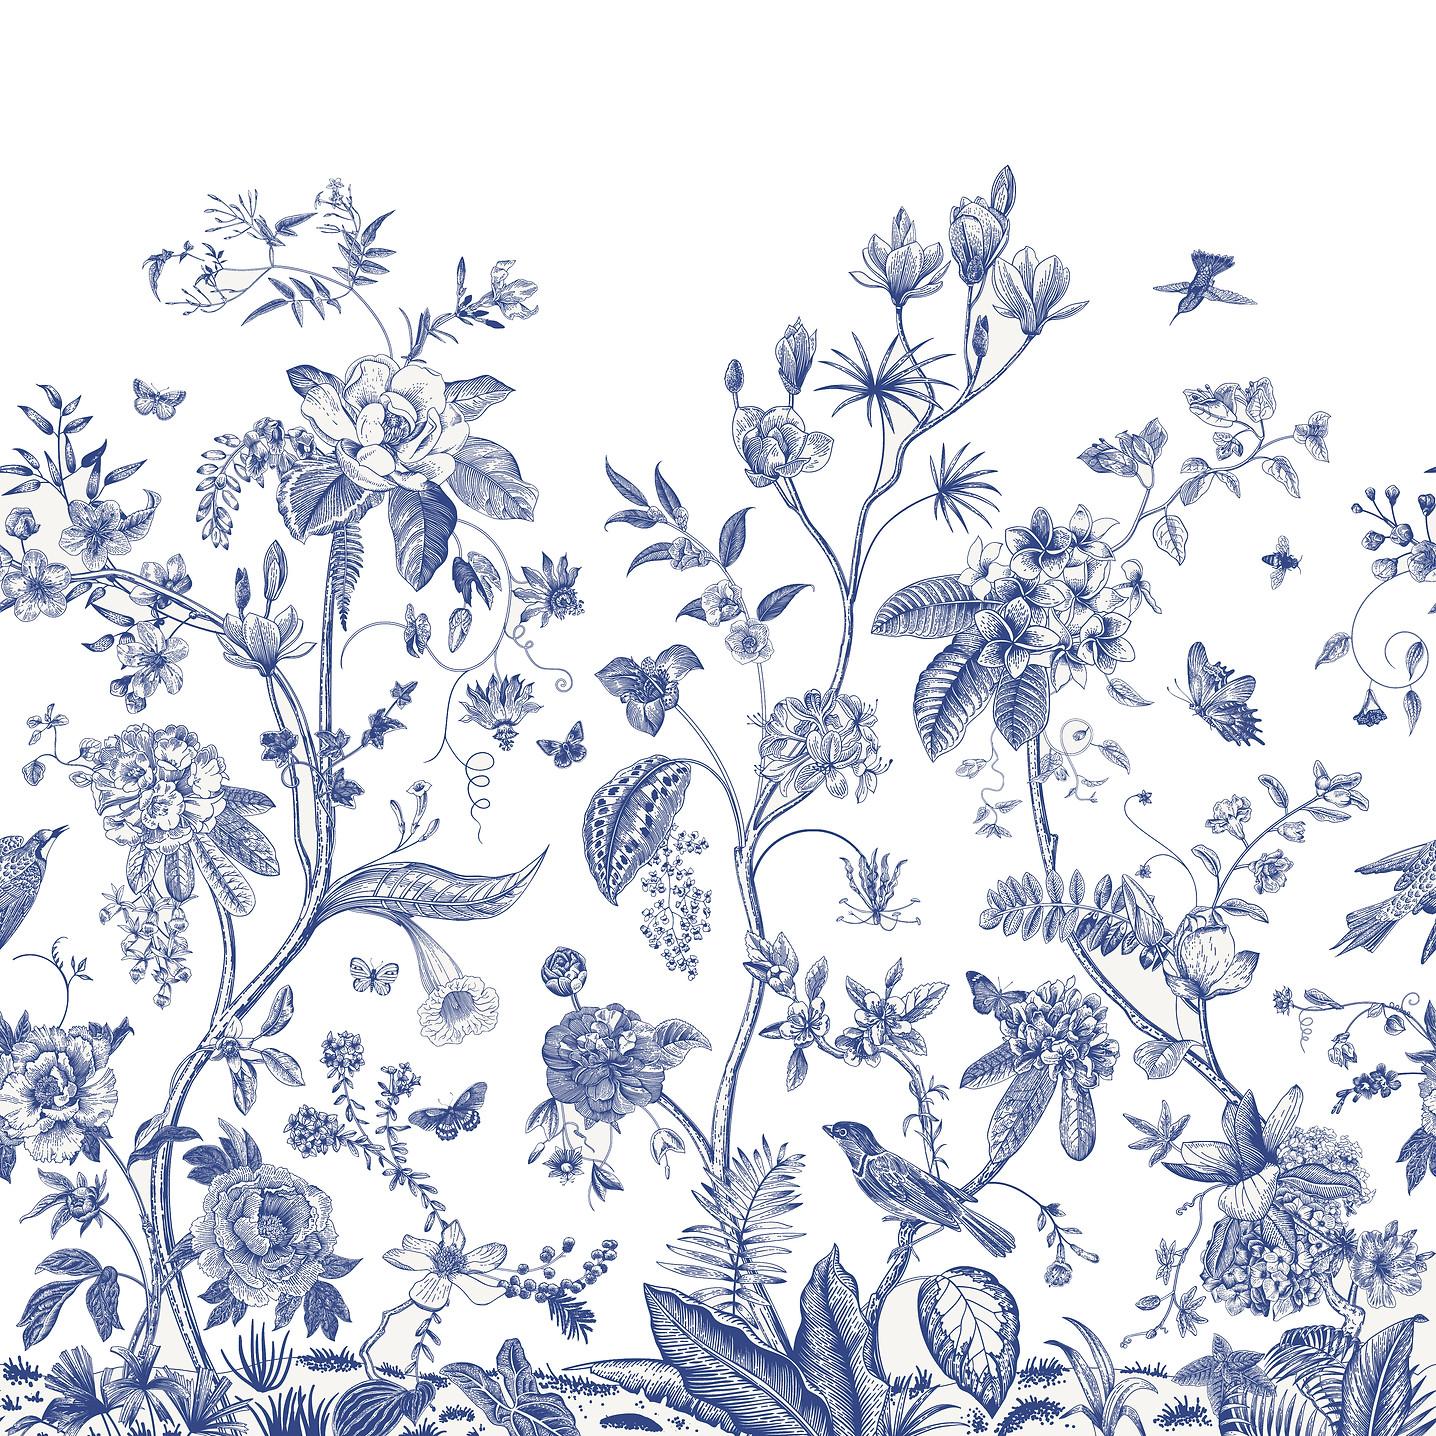 bloom_mural_bw white.jpg